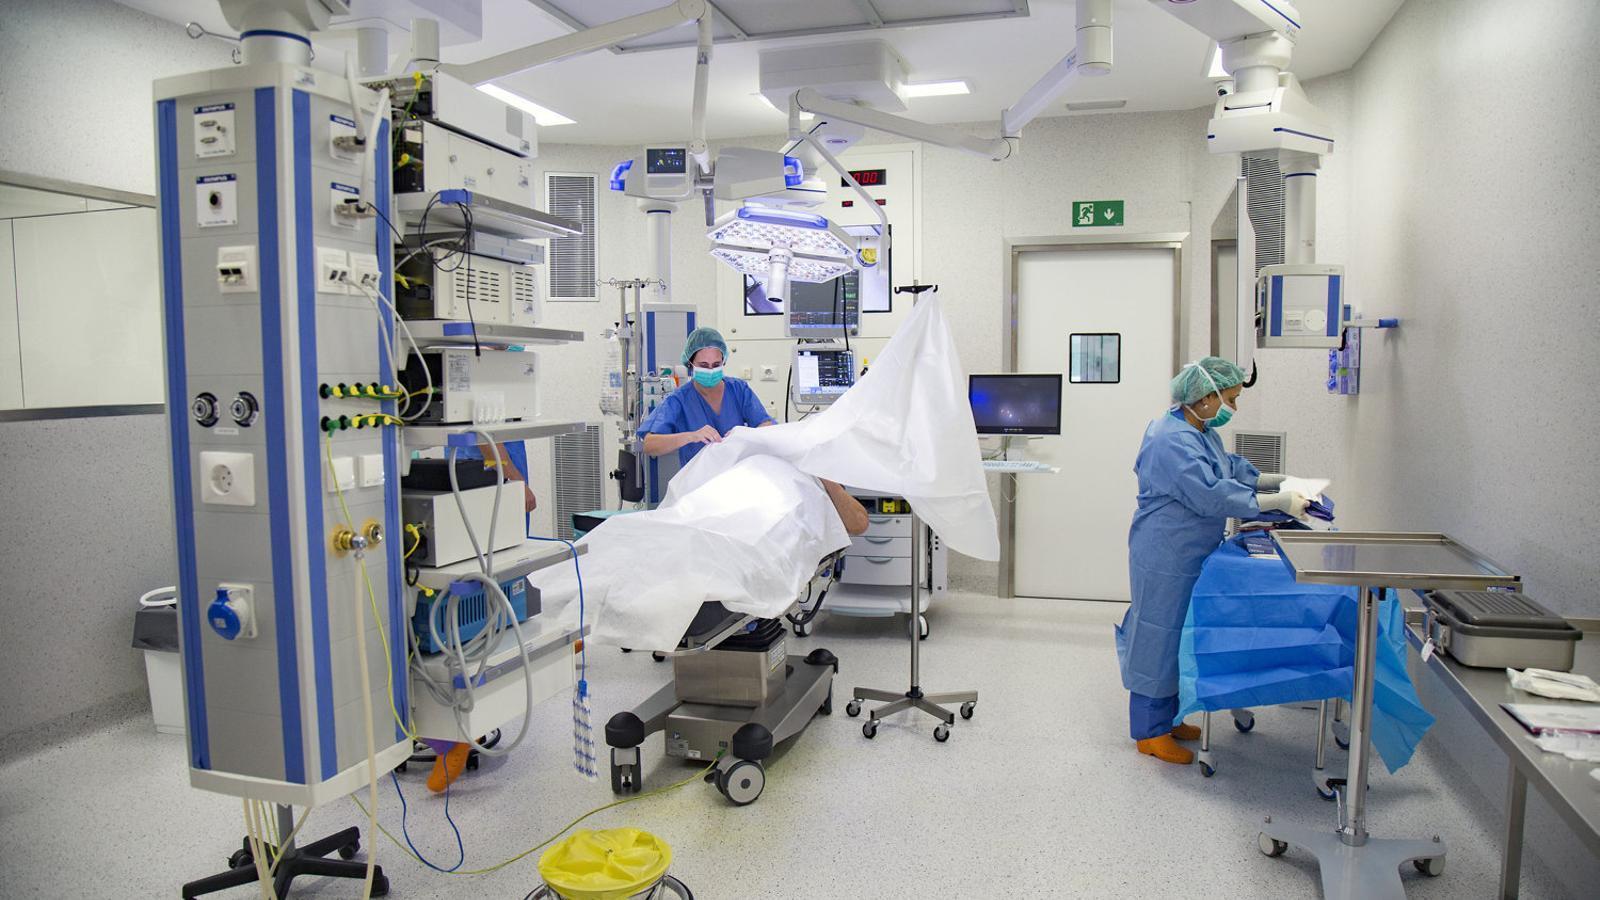 Imatge d'arxiu del bloc quirúrgic de cirurgia major ambulatòria de l'Hospital Universitari de Bellvitge.